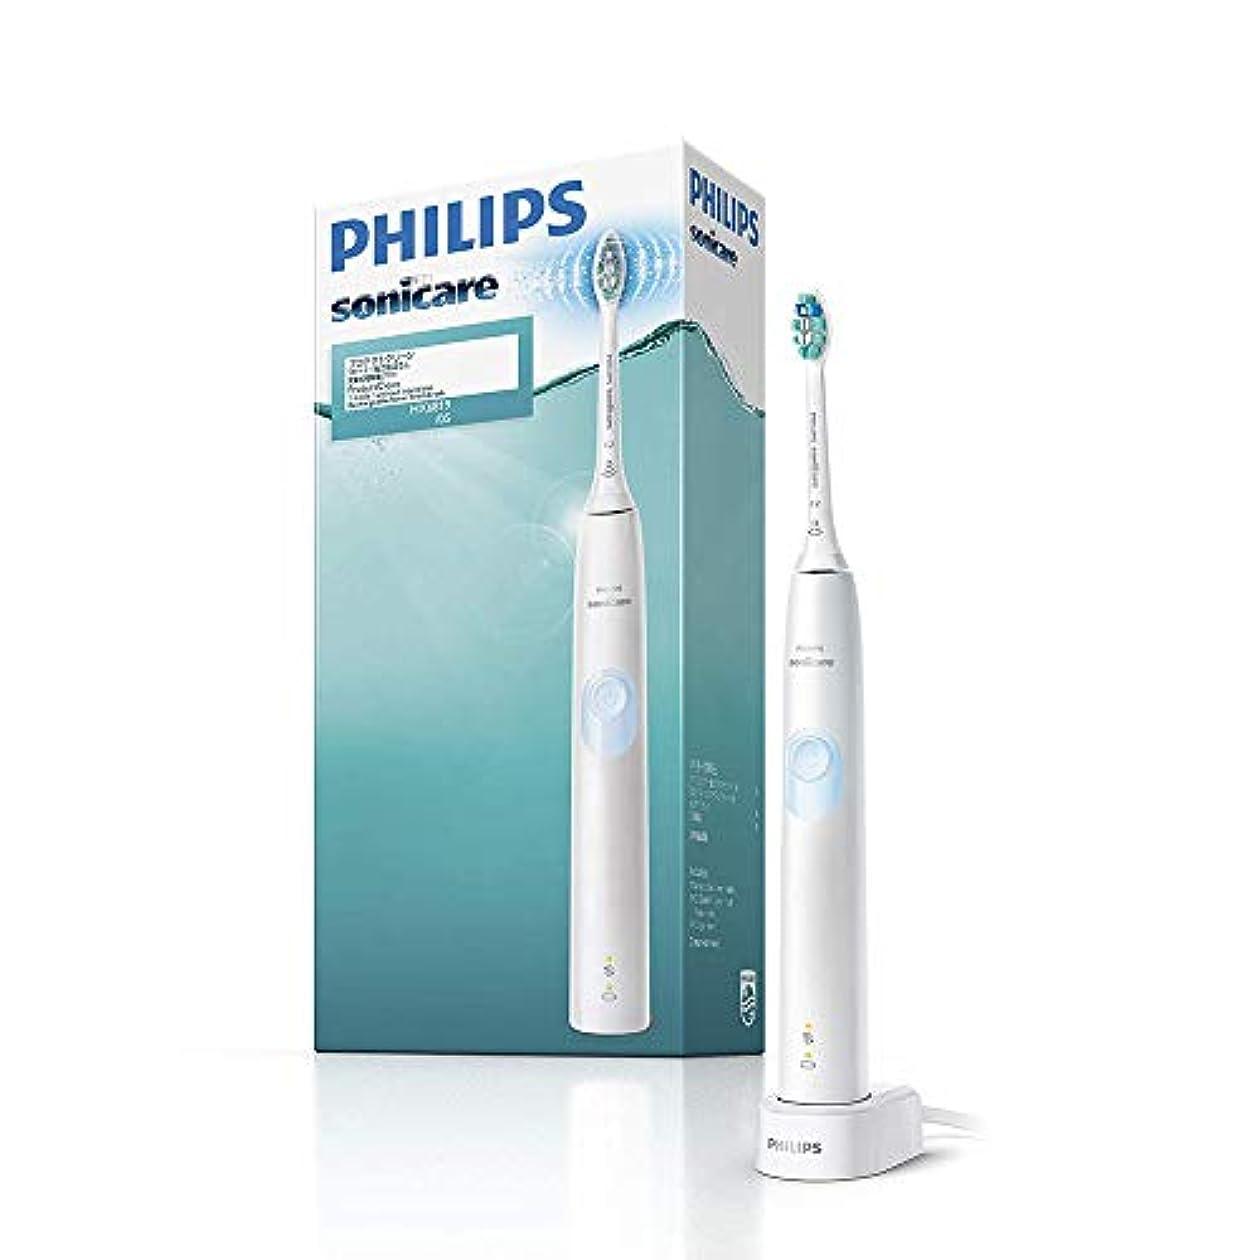 スキム重要な役割を果たす、中心的な手段となる段落【Amazon.co.jp限定】フィリップス ソニッケアー プロテクトクリーン ホワイトライトブルー 電動歯ブラシ 強さ設定なし HX6819/05